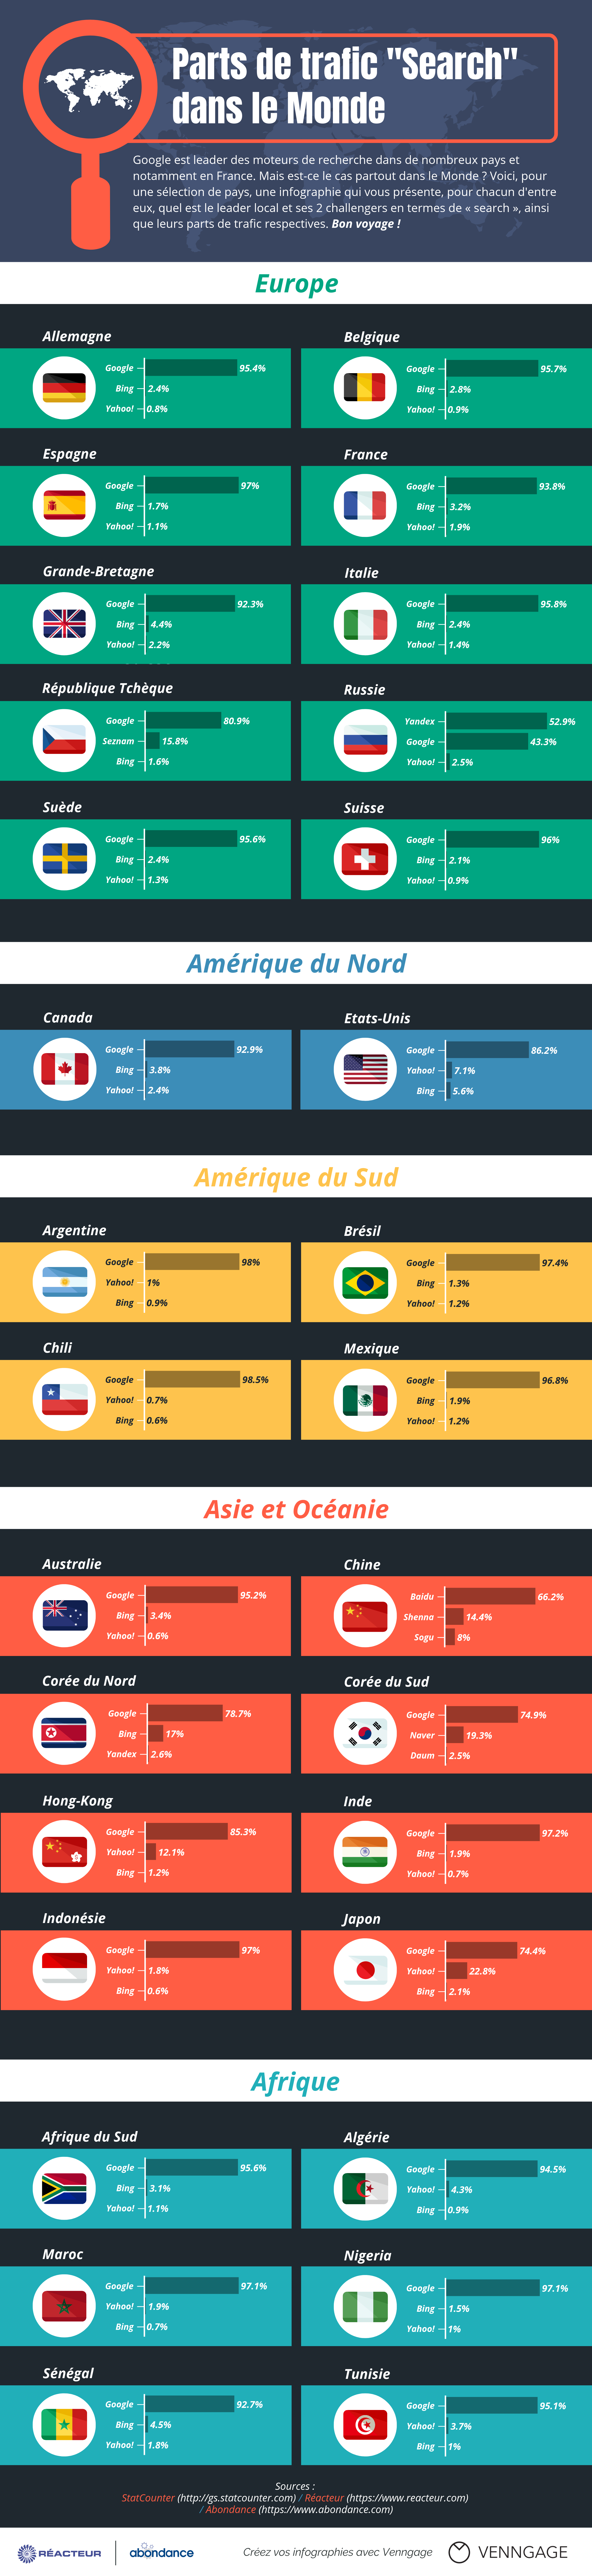 Infographie : Les parts de trafic des moteurs de recherche dans le monde